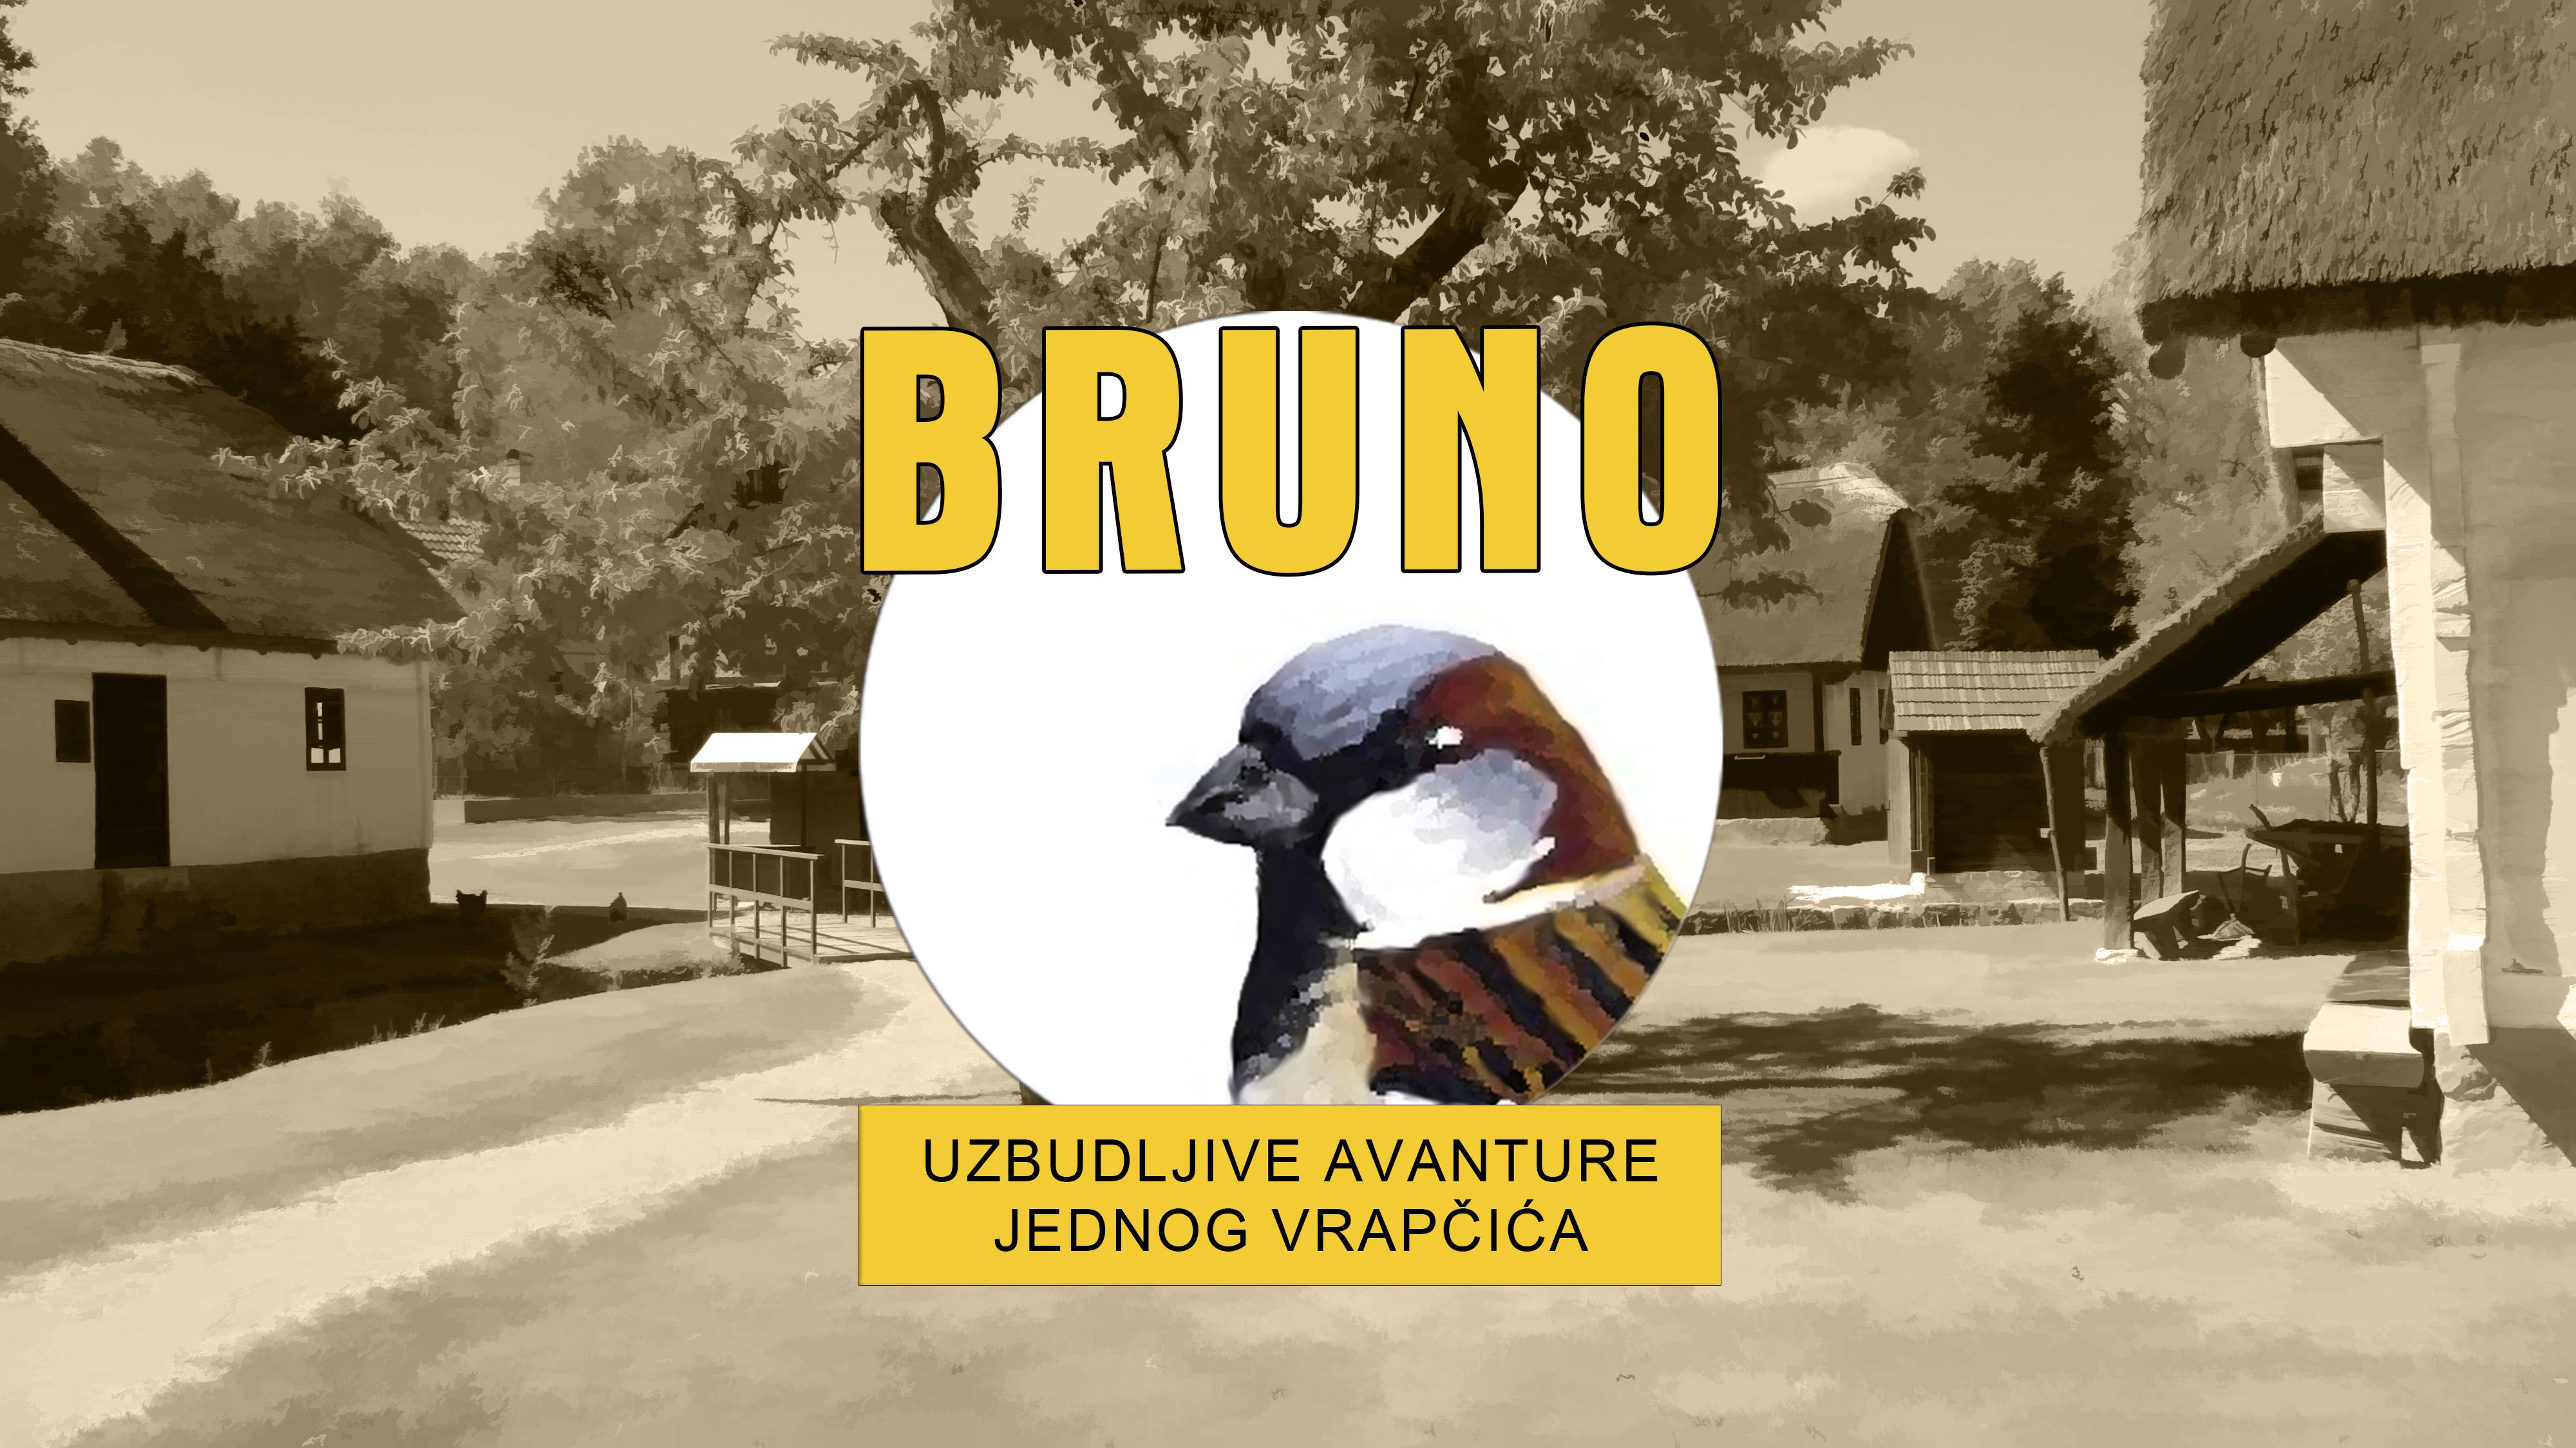 Pročitajte više o članku Digitalne multimedijalne slikovnice BRUNO